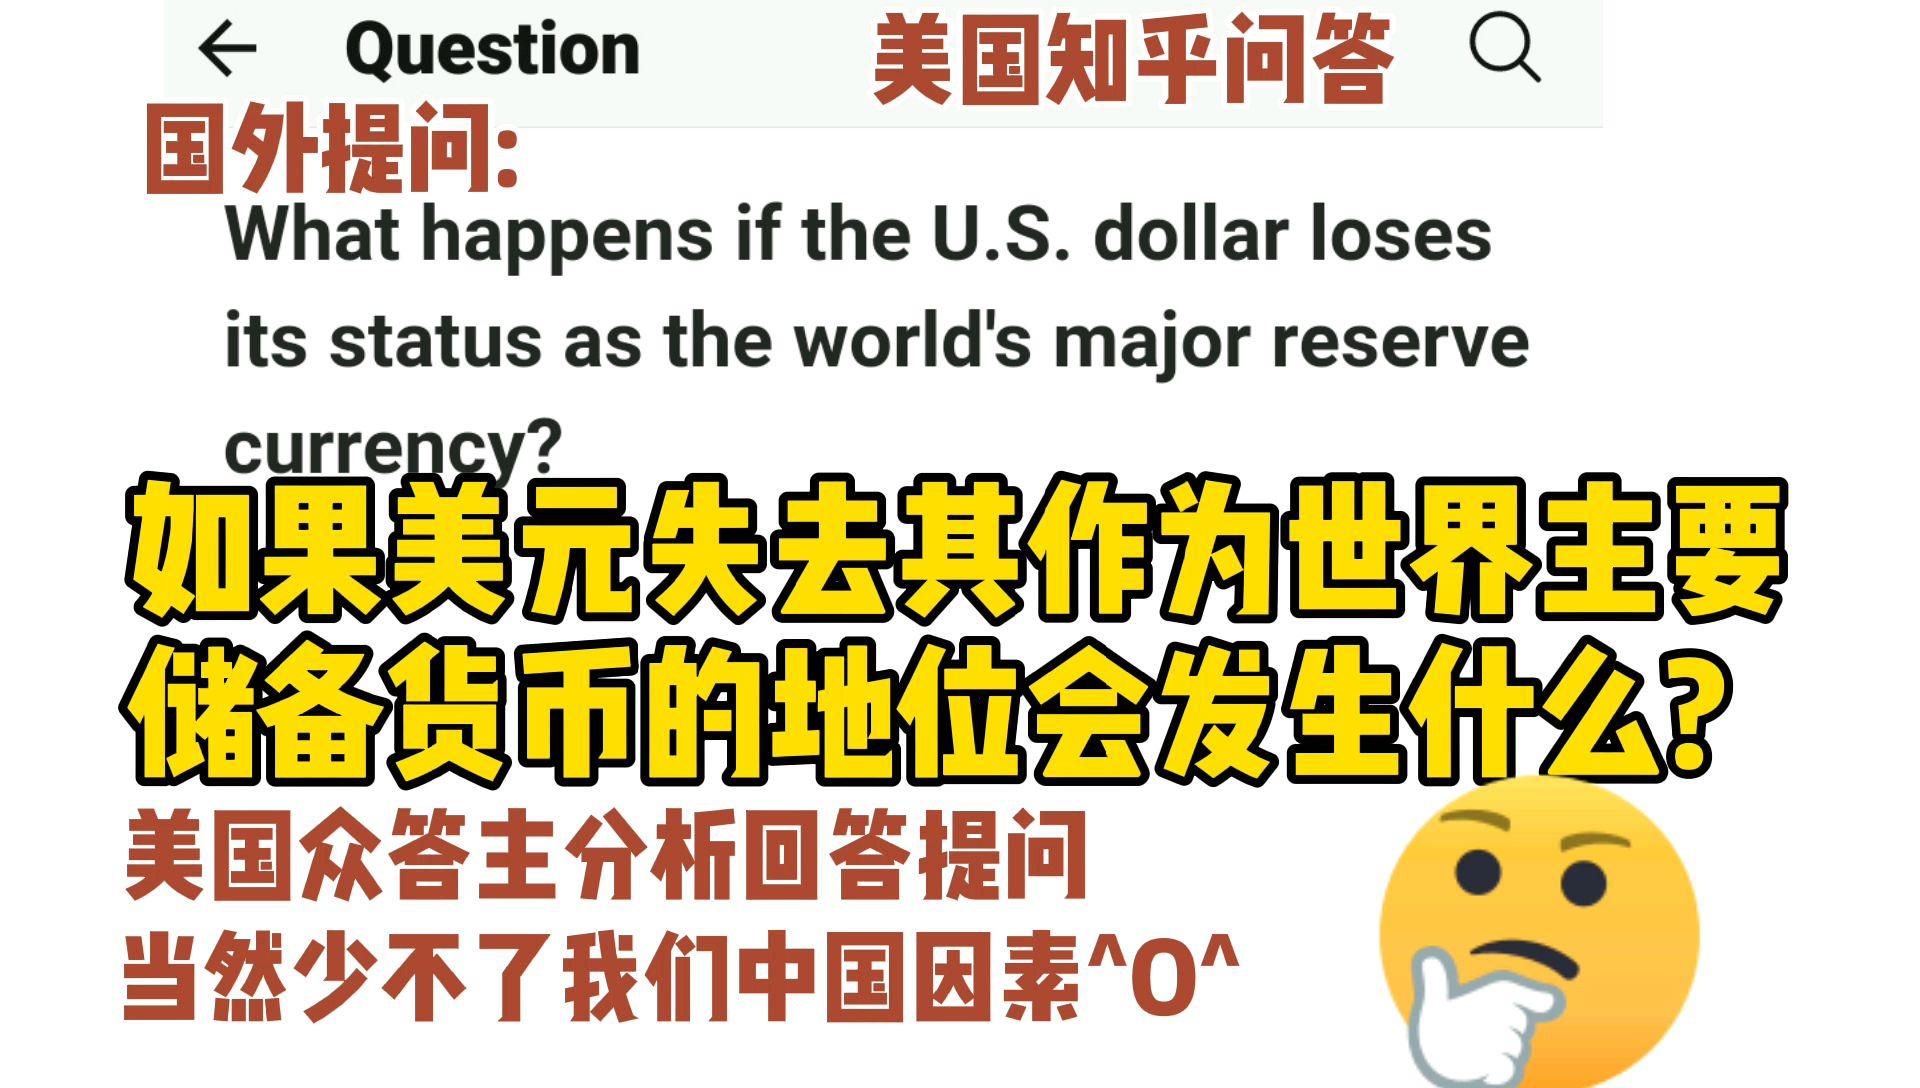 美国知乎,如果美国失去其作为世界主要储备货币地位会发生什么?美国众答主分析回答提问当然少不了中国因素